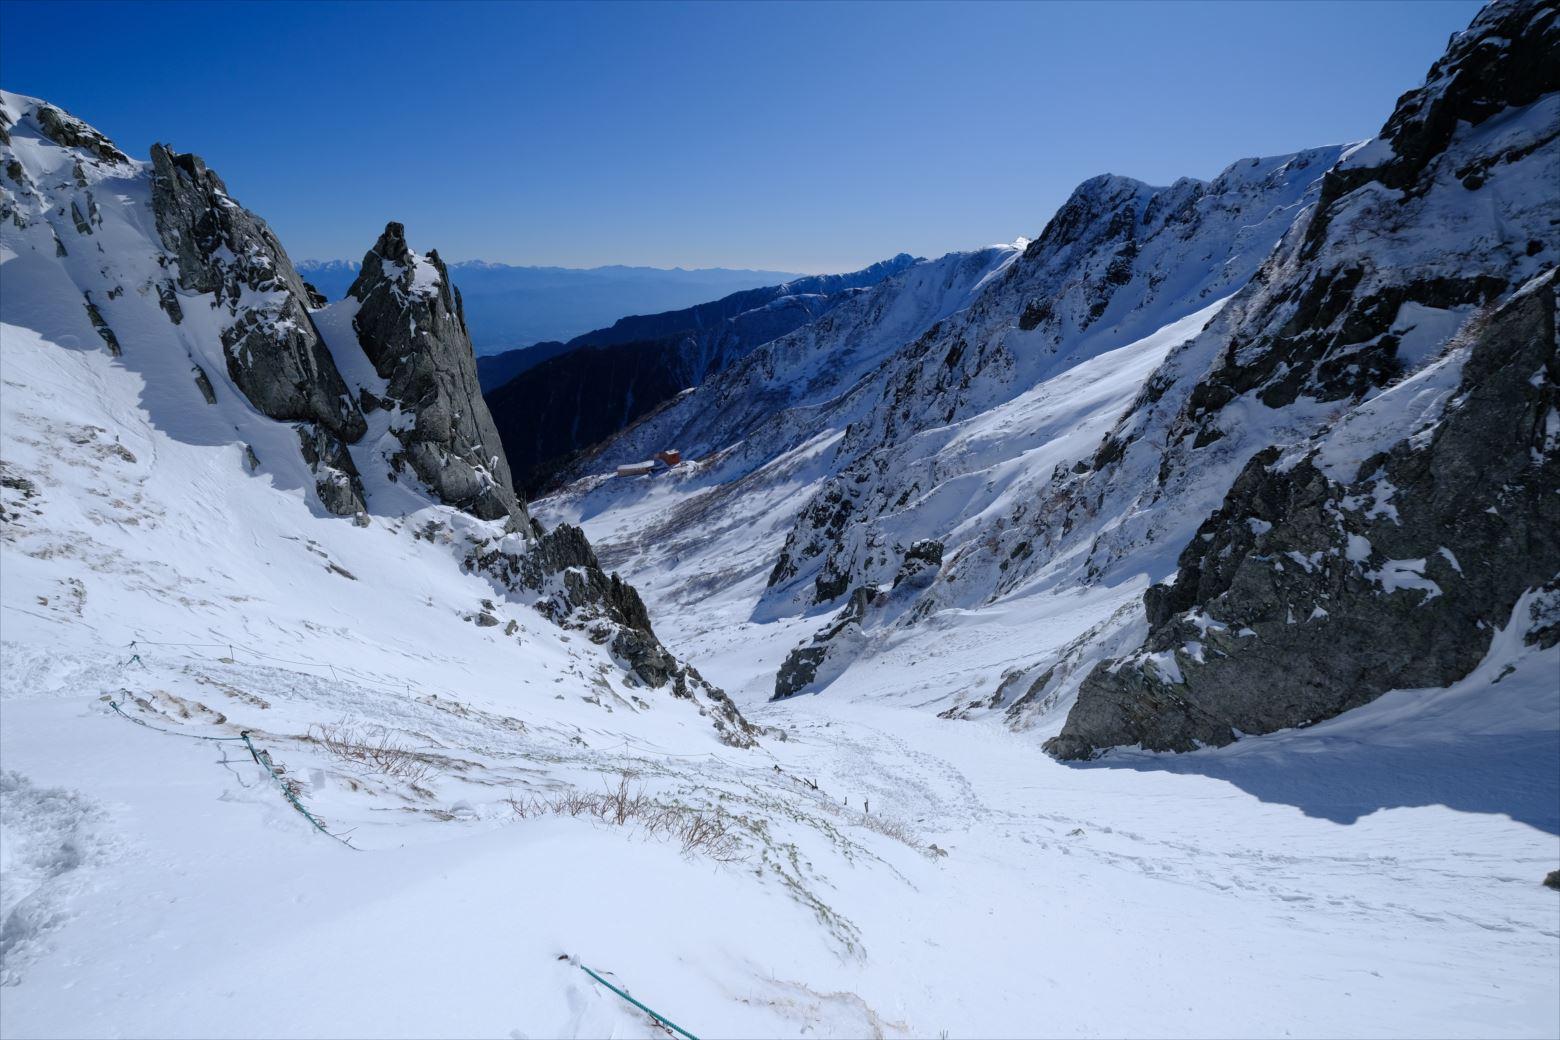 【初冬期・雪山登山】木曽駒ケ岳 (45)